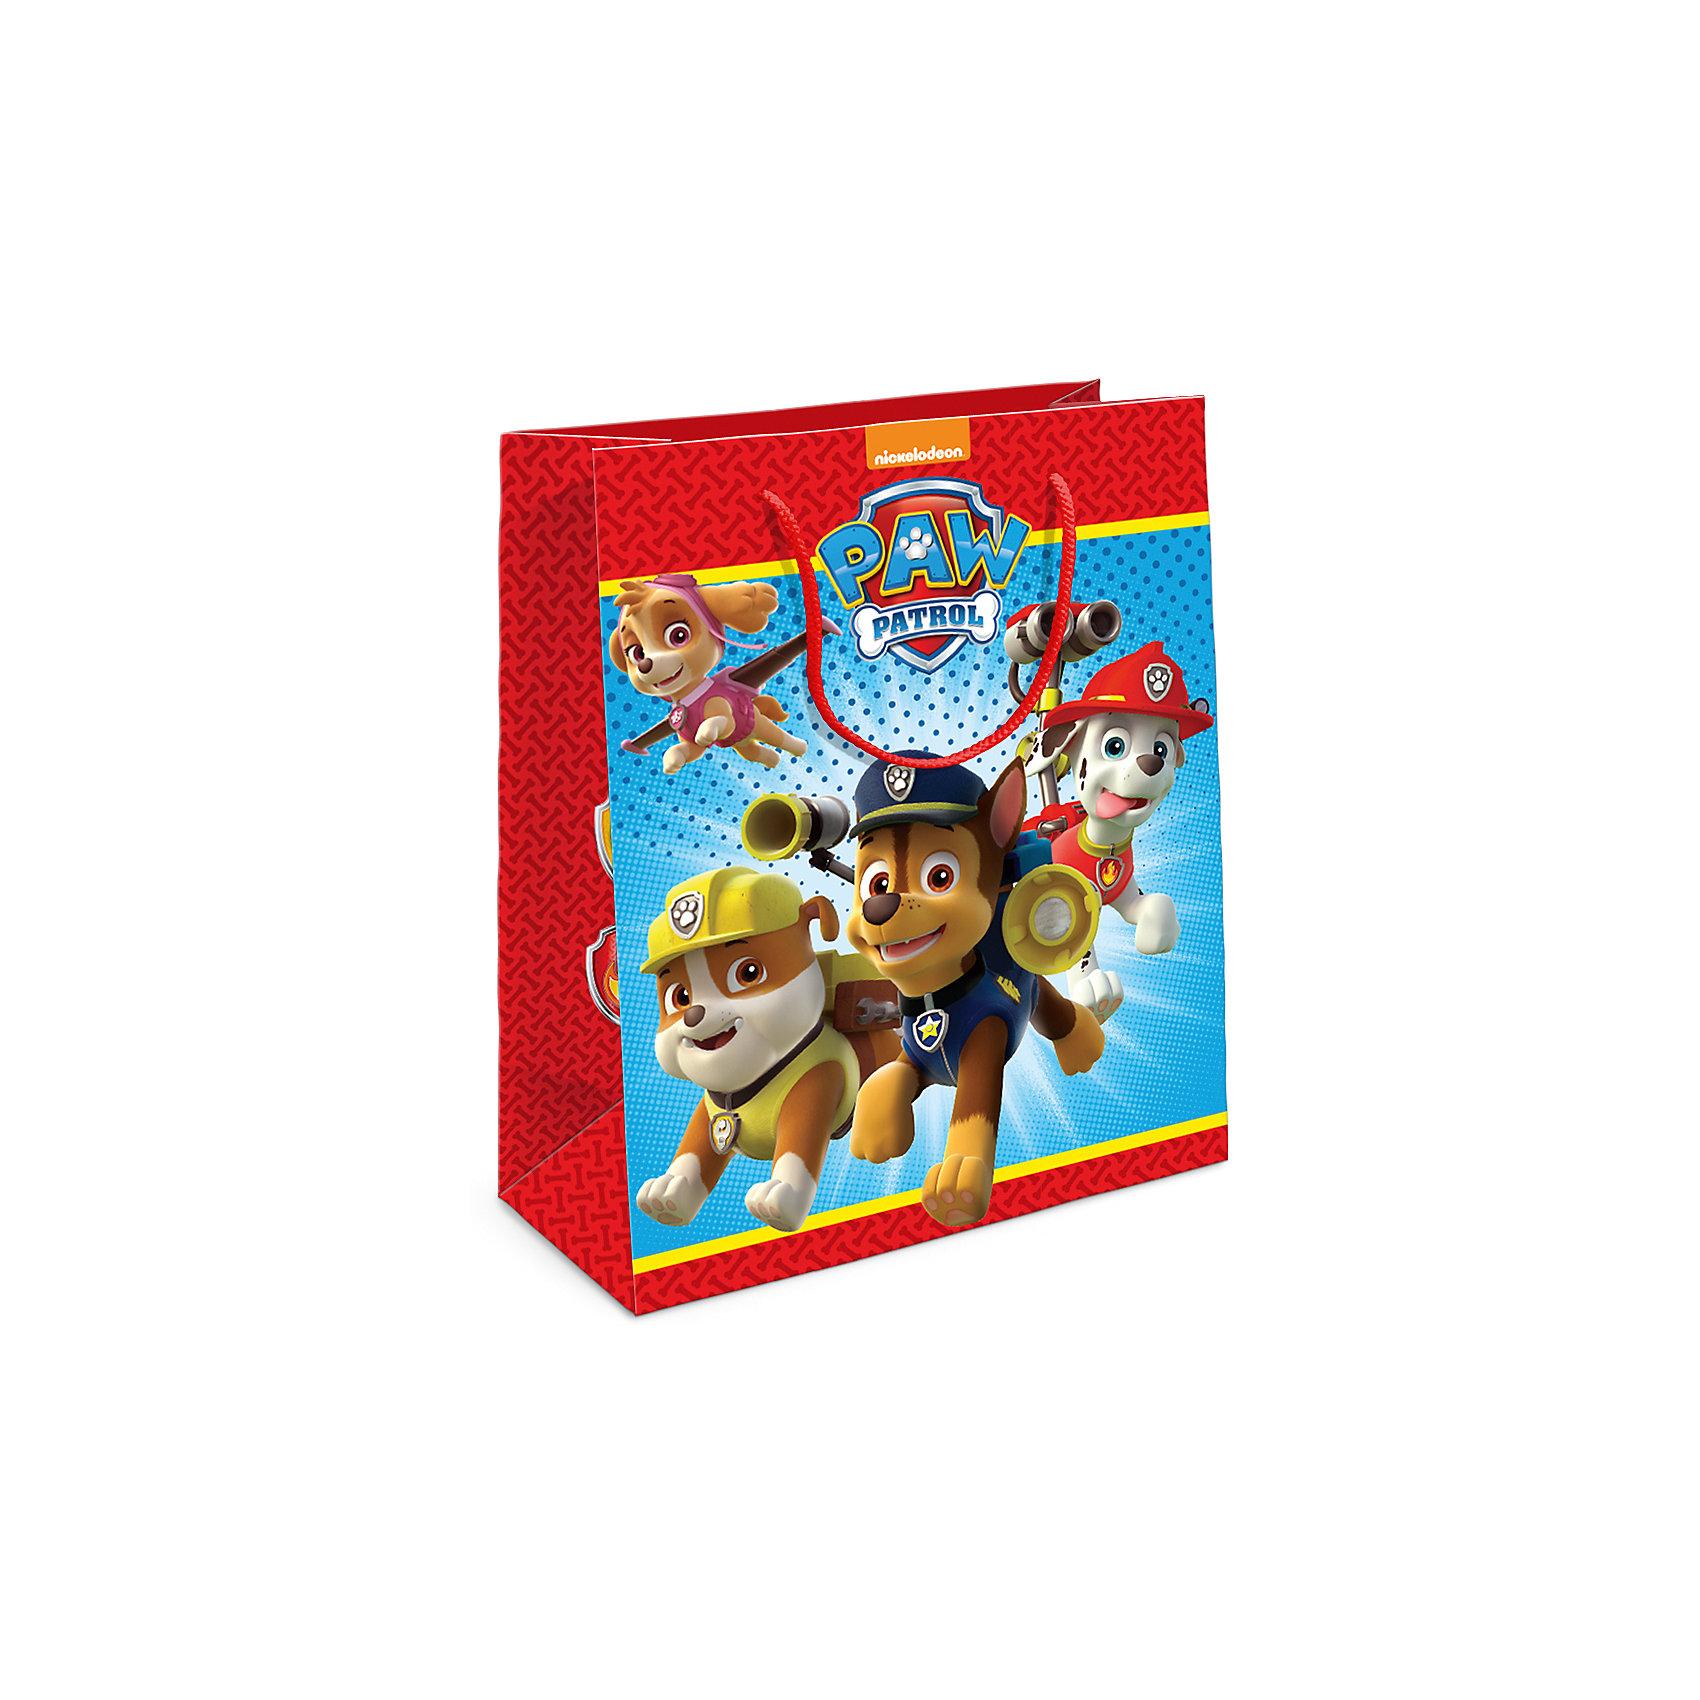 Пакет подарочный Щенячий патруль 230*180*100Подарочный бумажный пакет с веселыми и очаровательными героями мультфильма «Щенячий патруль» ярко украсит подарок и порадует малыша. Размер: 23х18х10 см. В ассортименте вы также сможете найти такой же пакет размером 35х25х9 см.<br><br>Ширина мм: 230<br>Глубина мм: 180<br>Высота мм: 5<br>Вес г: 39<br>Возраст от месяцев: 60<br>Возраст до месяцев: 120<br>Пол: Унисекс<br>Возраст: Детский<br>SKU: 5016467